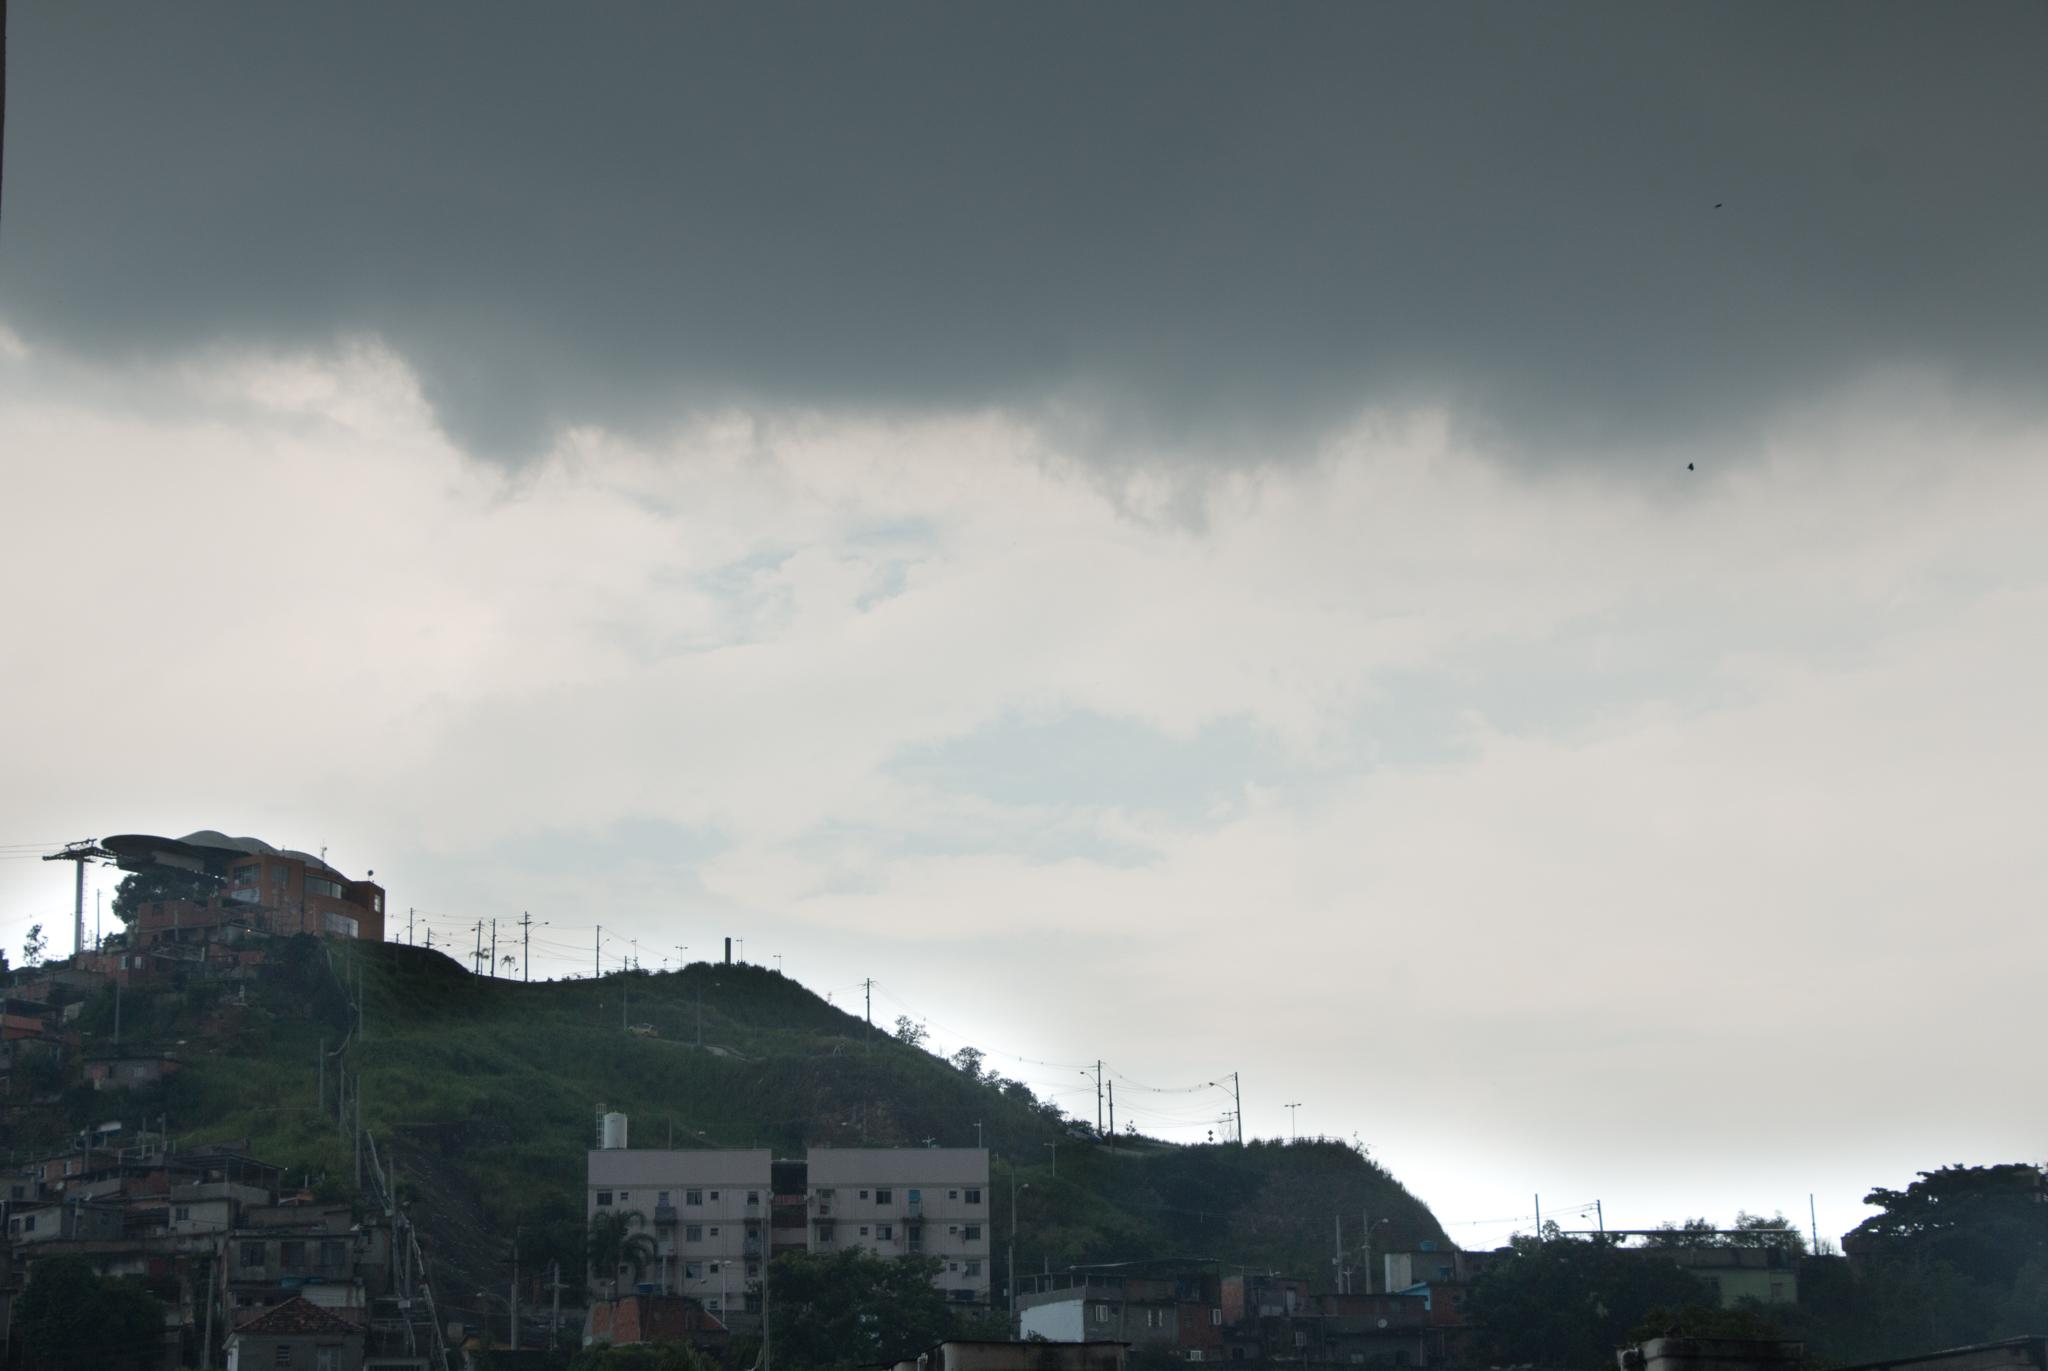 Previsão de fortes chuvas faz Rio de Janeiro entrar em estado de alerta nesta quinta feira (28)